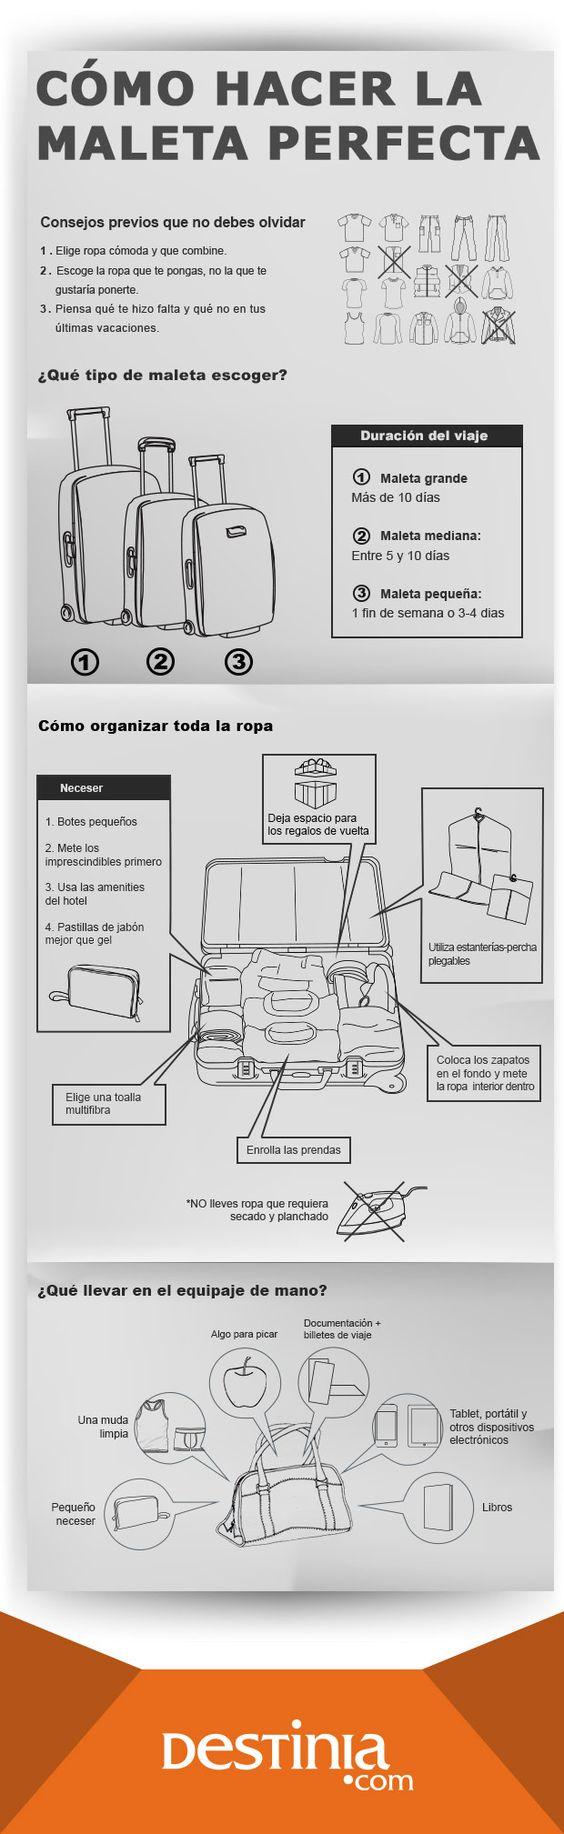 #Infografía ¿Cómo hacer la Maleta Perfecrta?